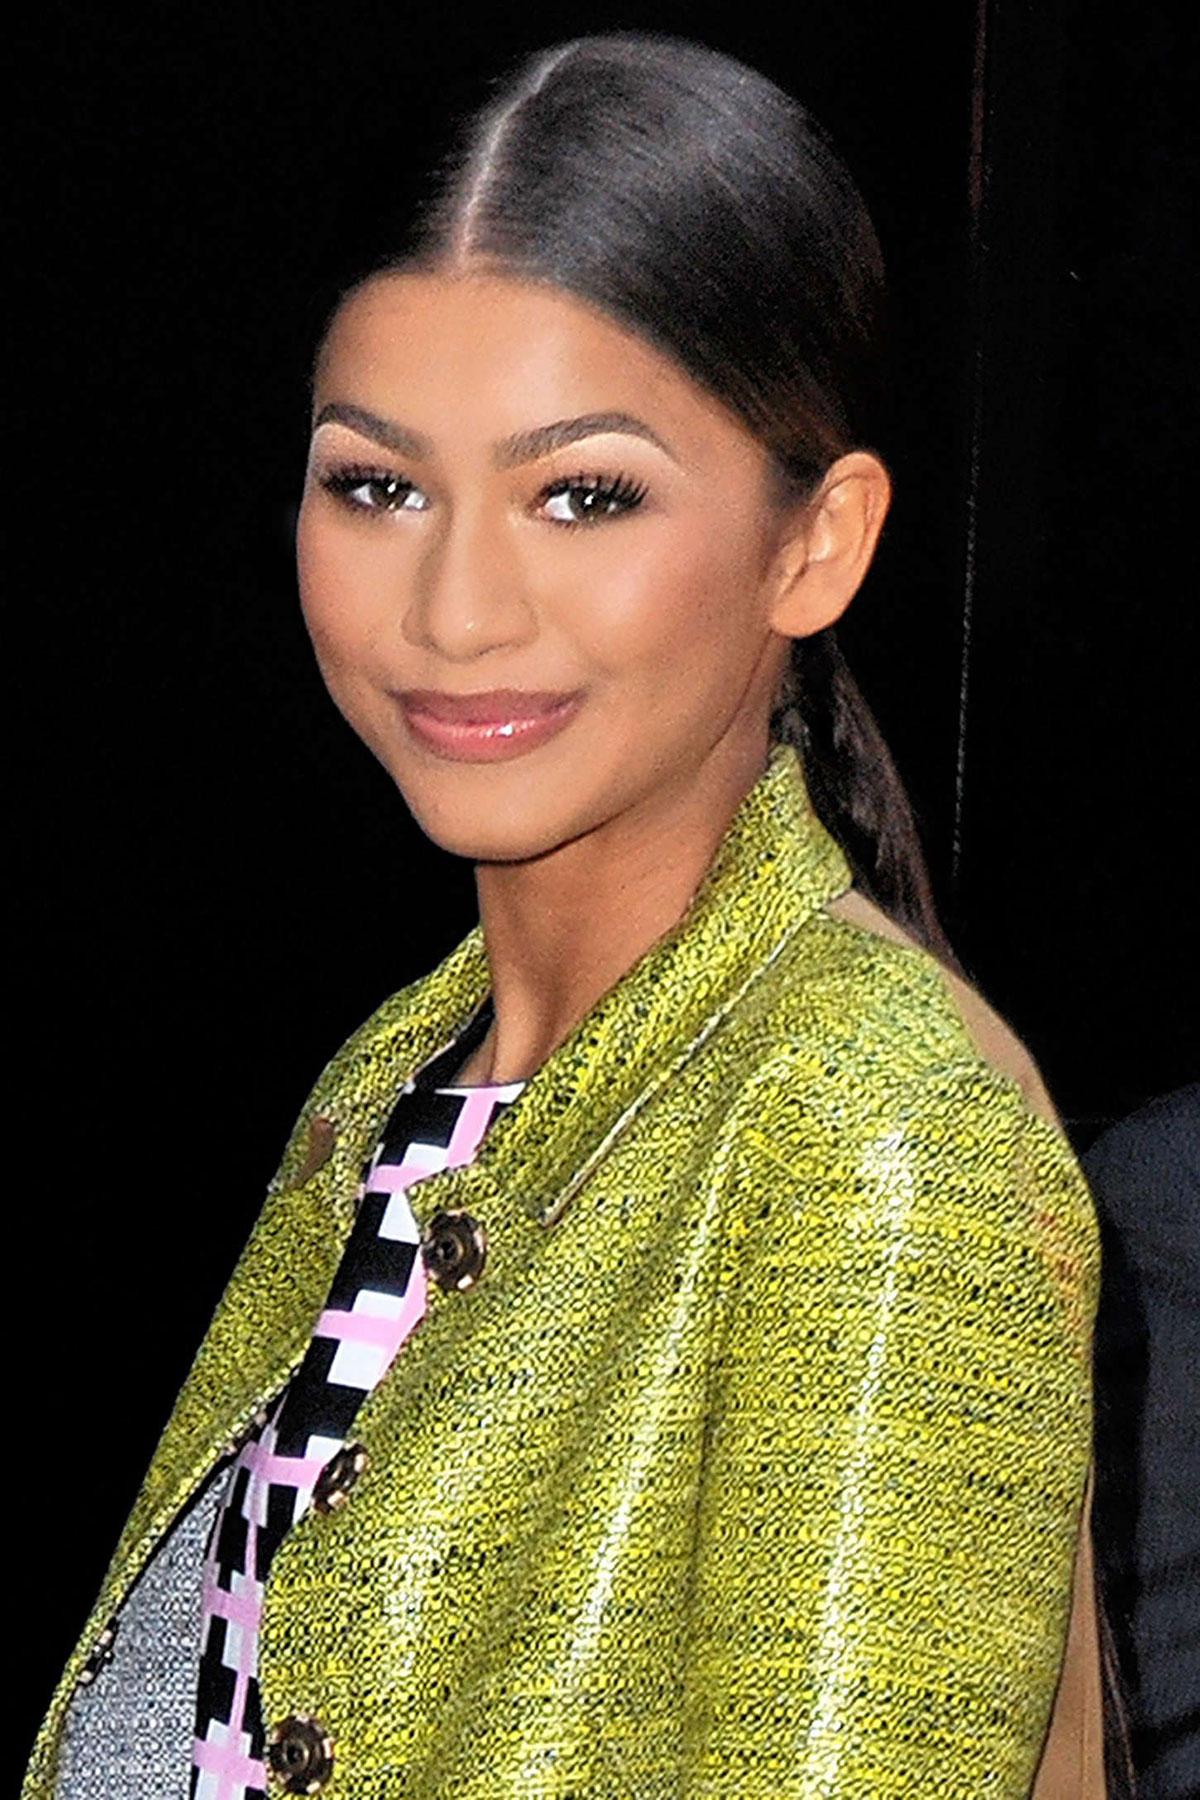 zendaya-coleman-wearing-cheng-karolyn-pho-good-morning-america/